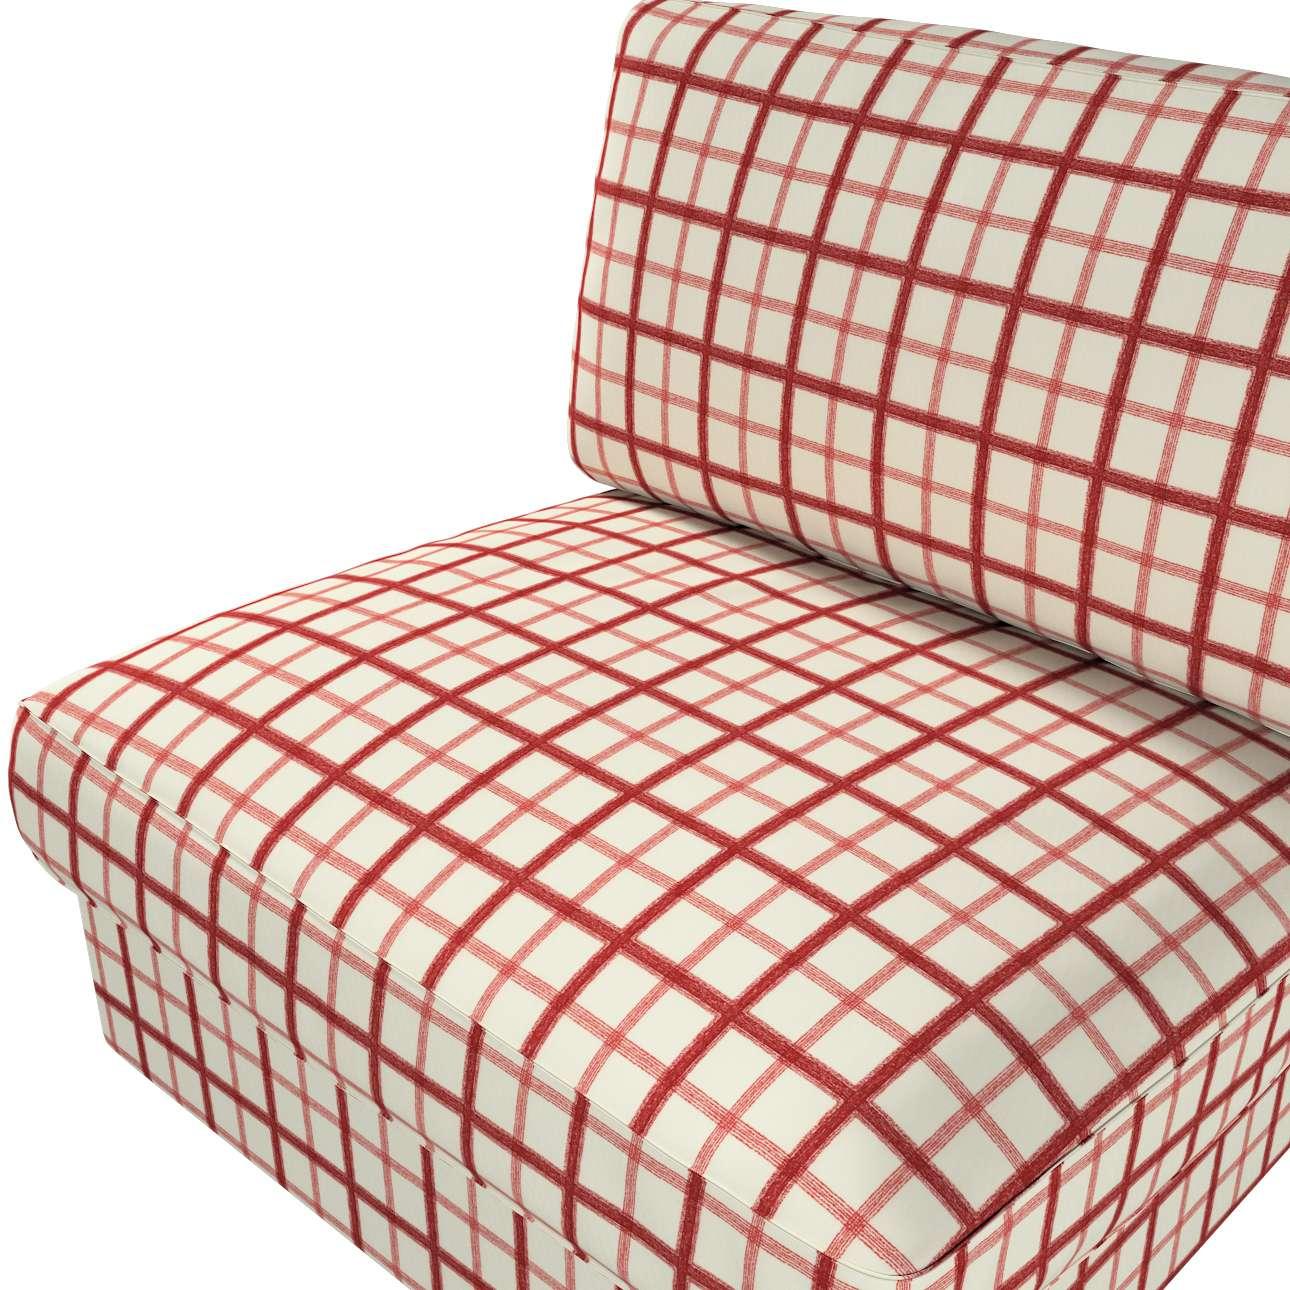 KIVIK fotelio/vienvietės dalies užvalkalas kolekcijoje Avinon, audinys: 131-15